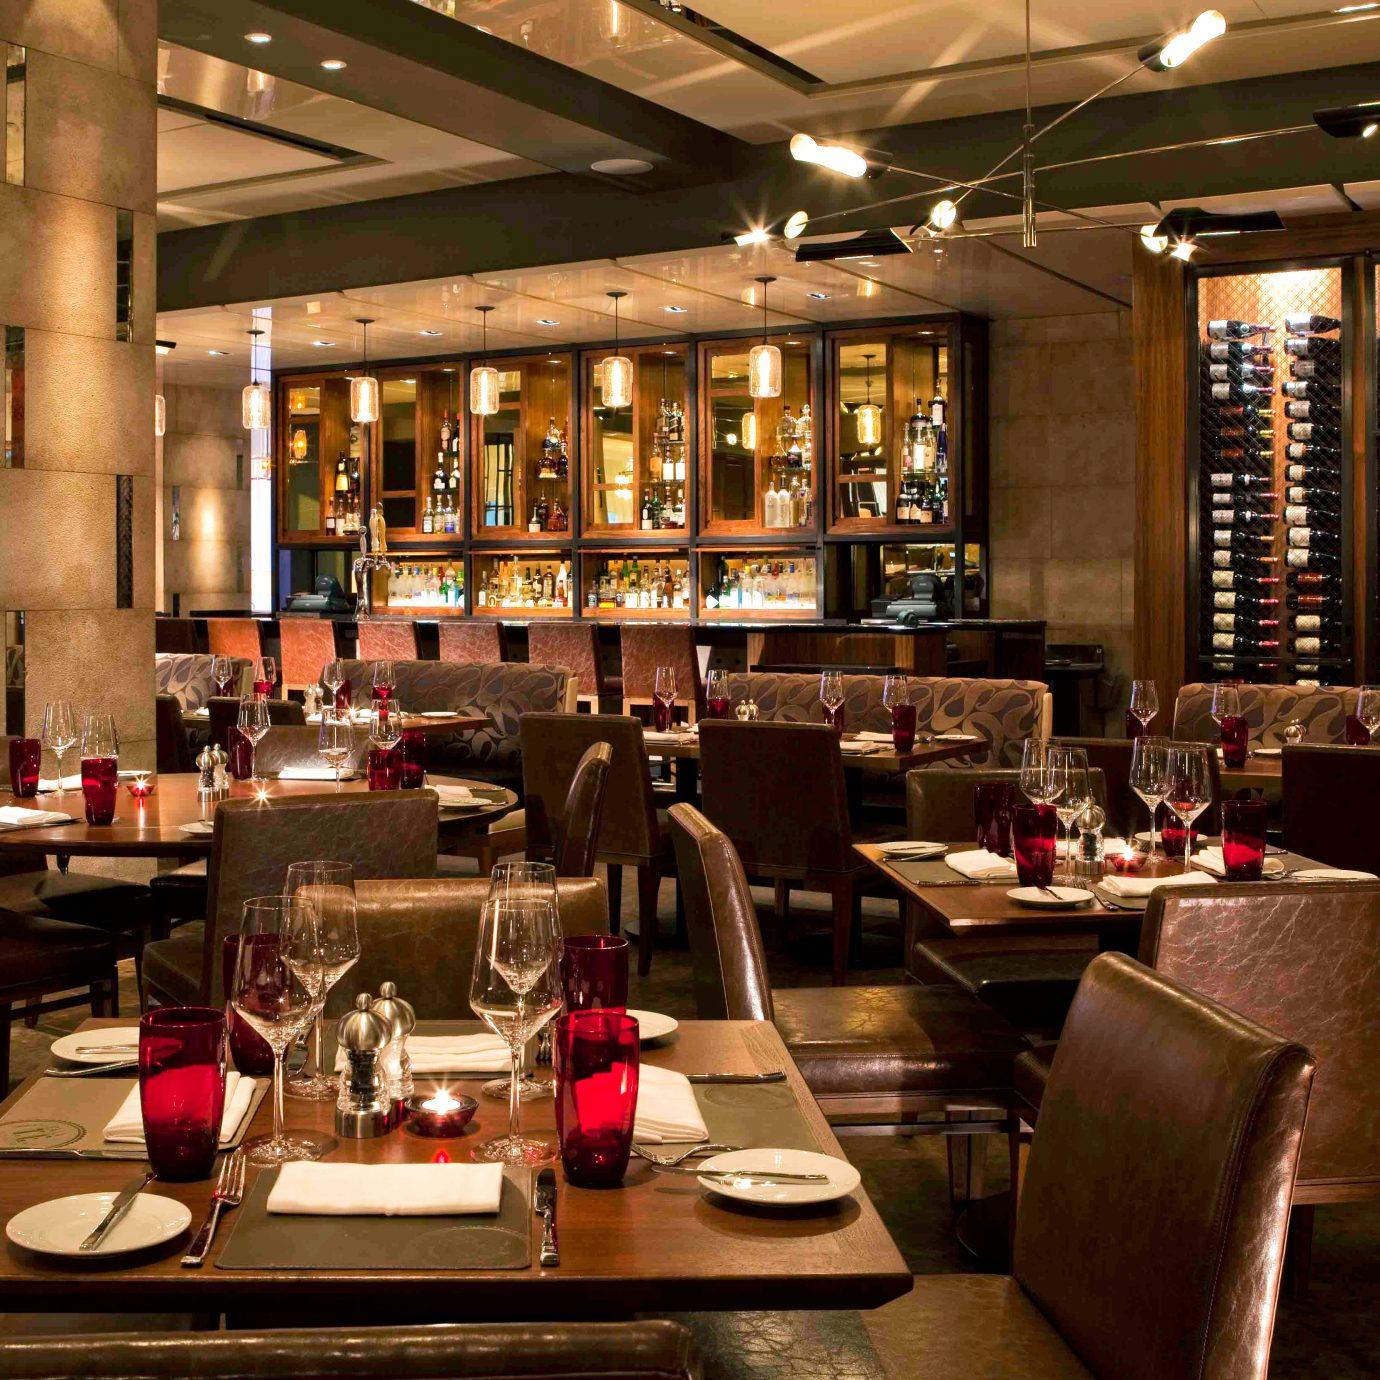 City Dining Drink Eat Resort restaurant café Bar dining table